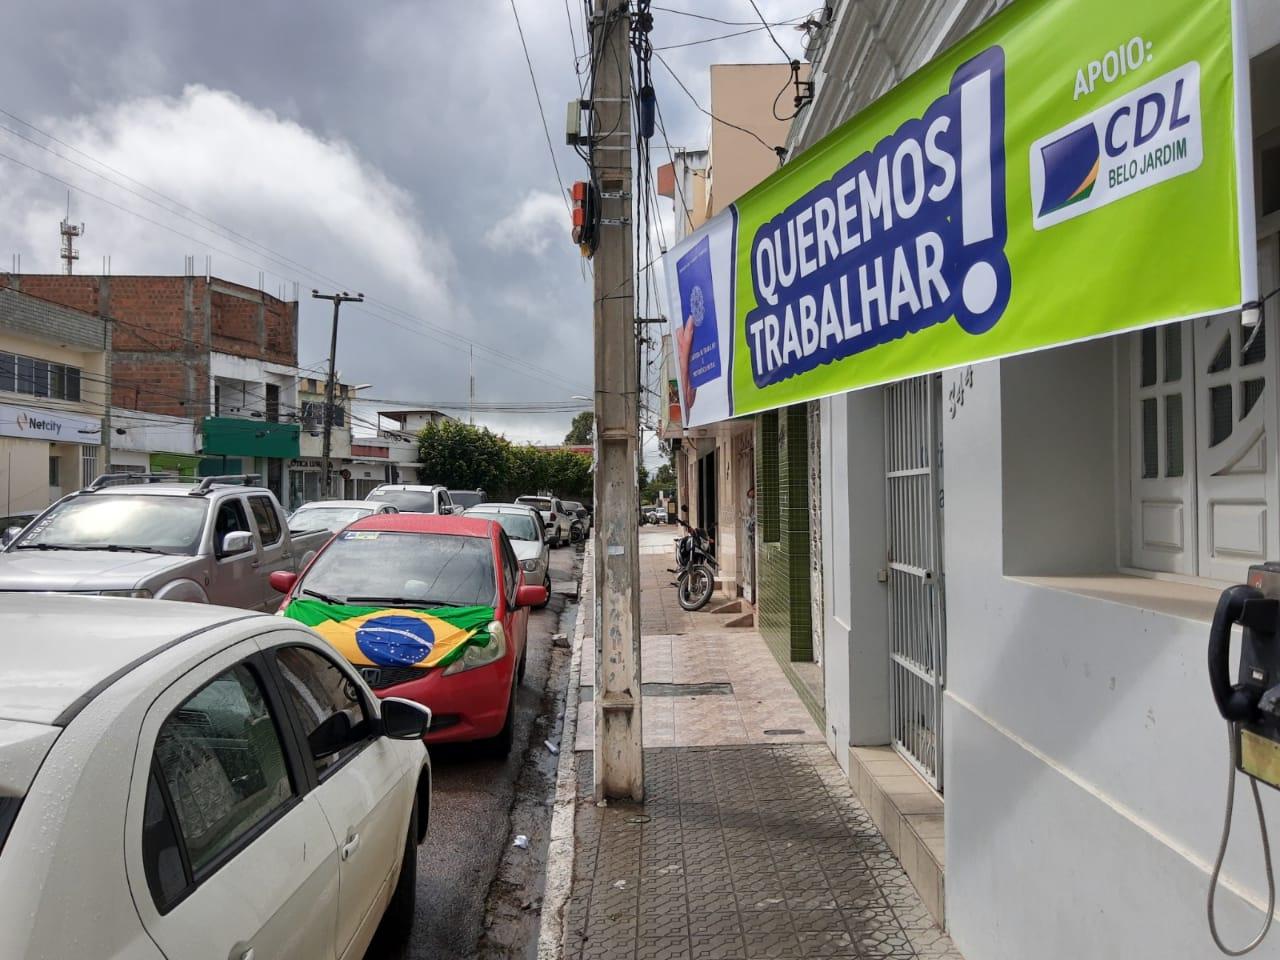 Em carreata, manifestantes pedem reabertura do comércio em Belo Jardim